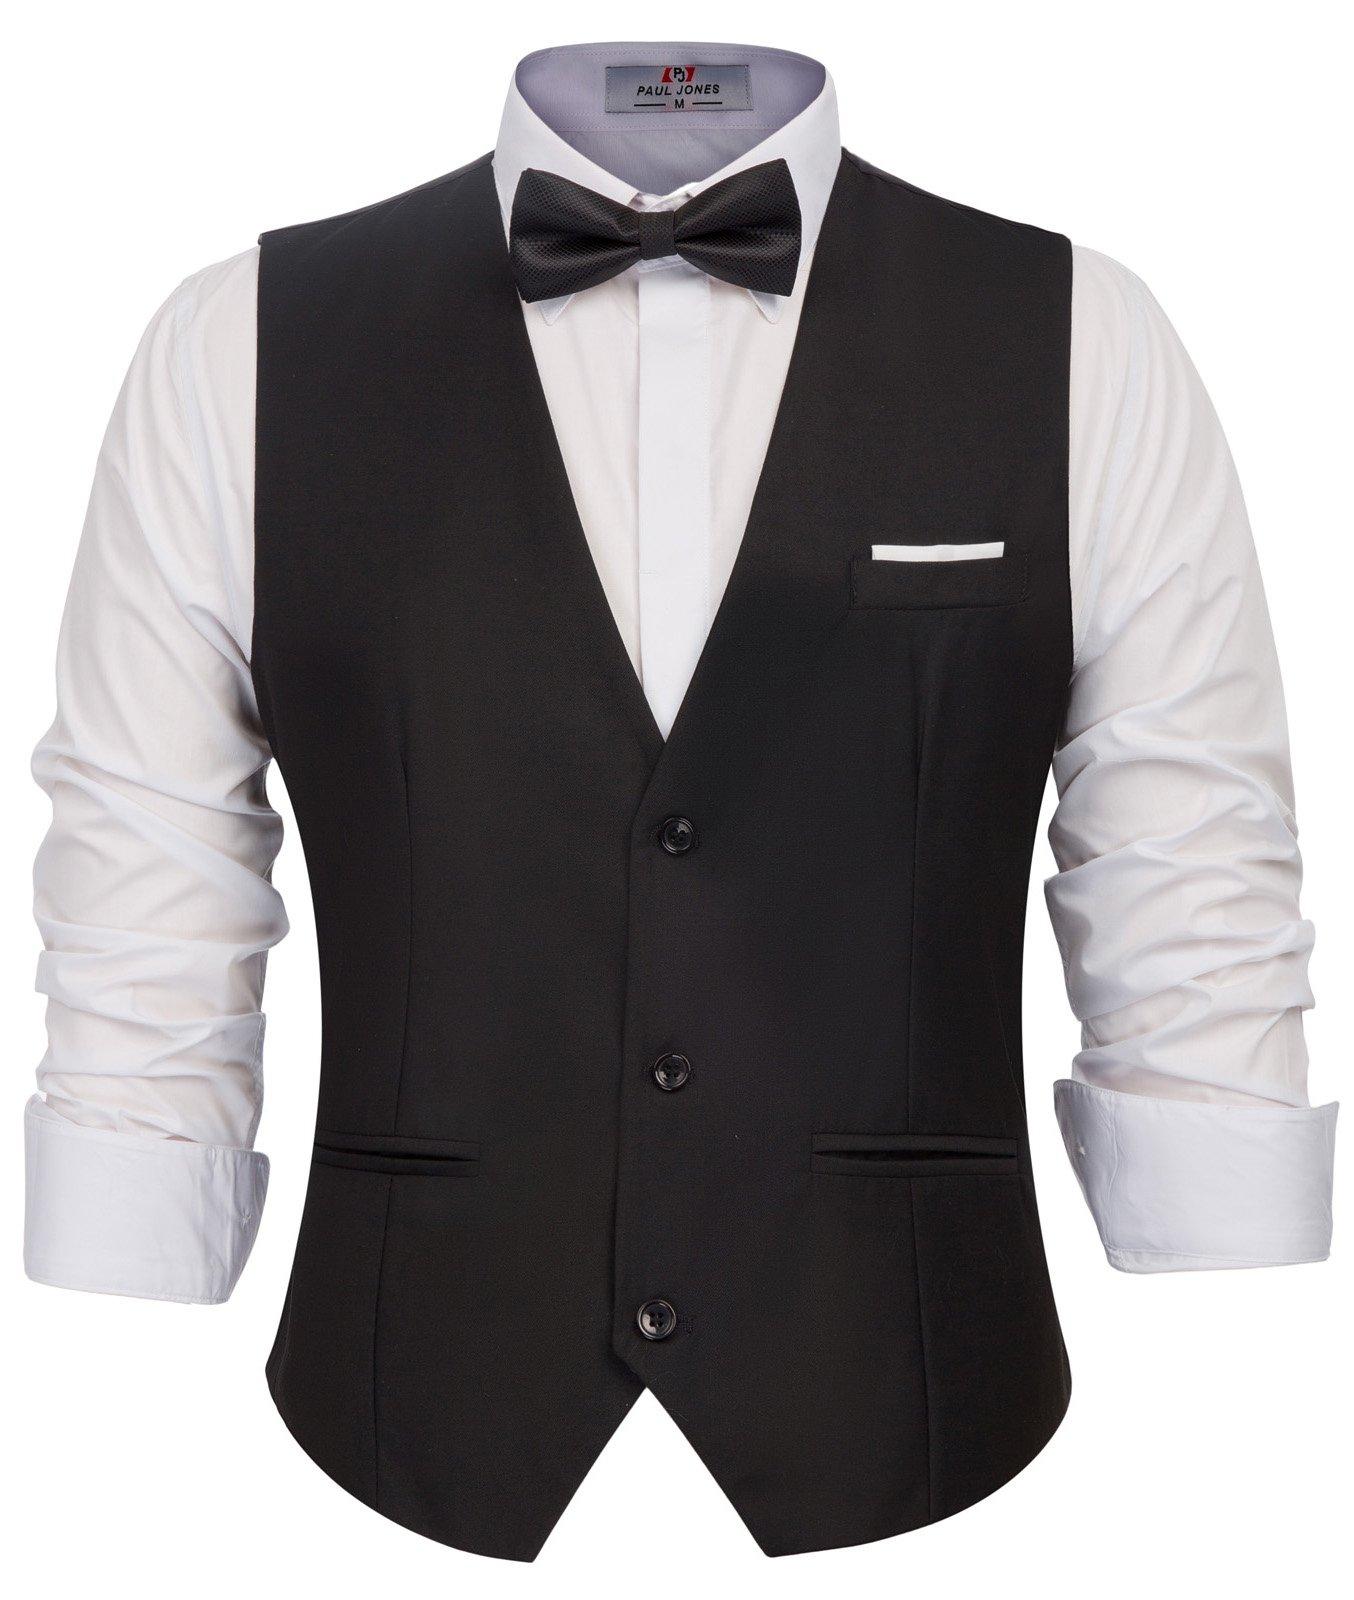 Men's Classic Formal Dress Vest Sleeveless 3-Buttons Suit Vest Black, Small by PAUL JONES